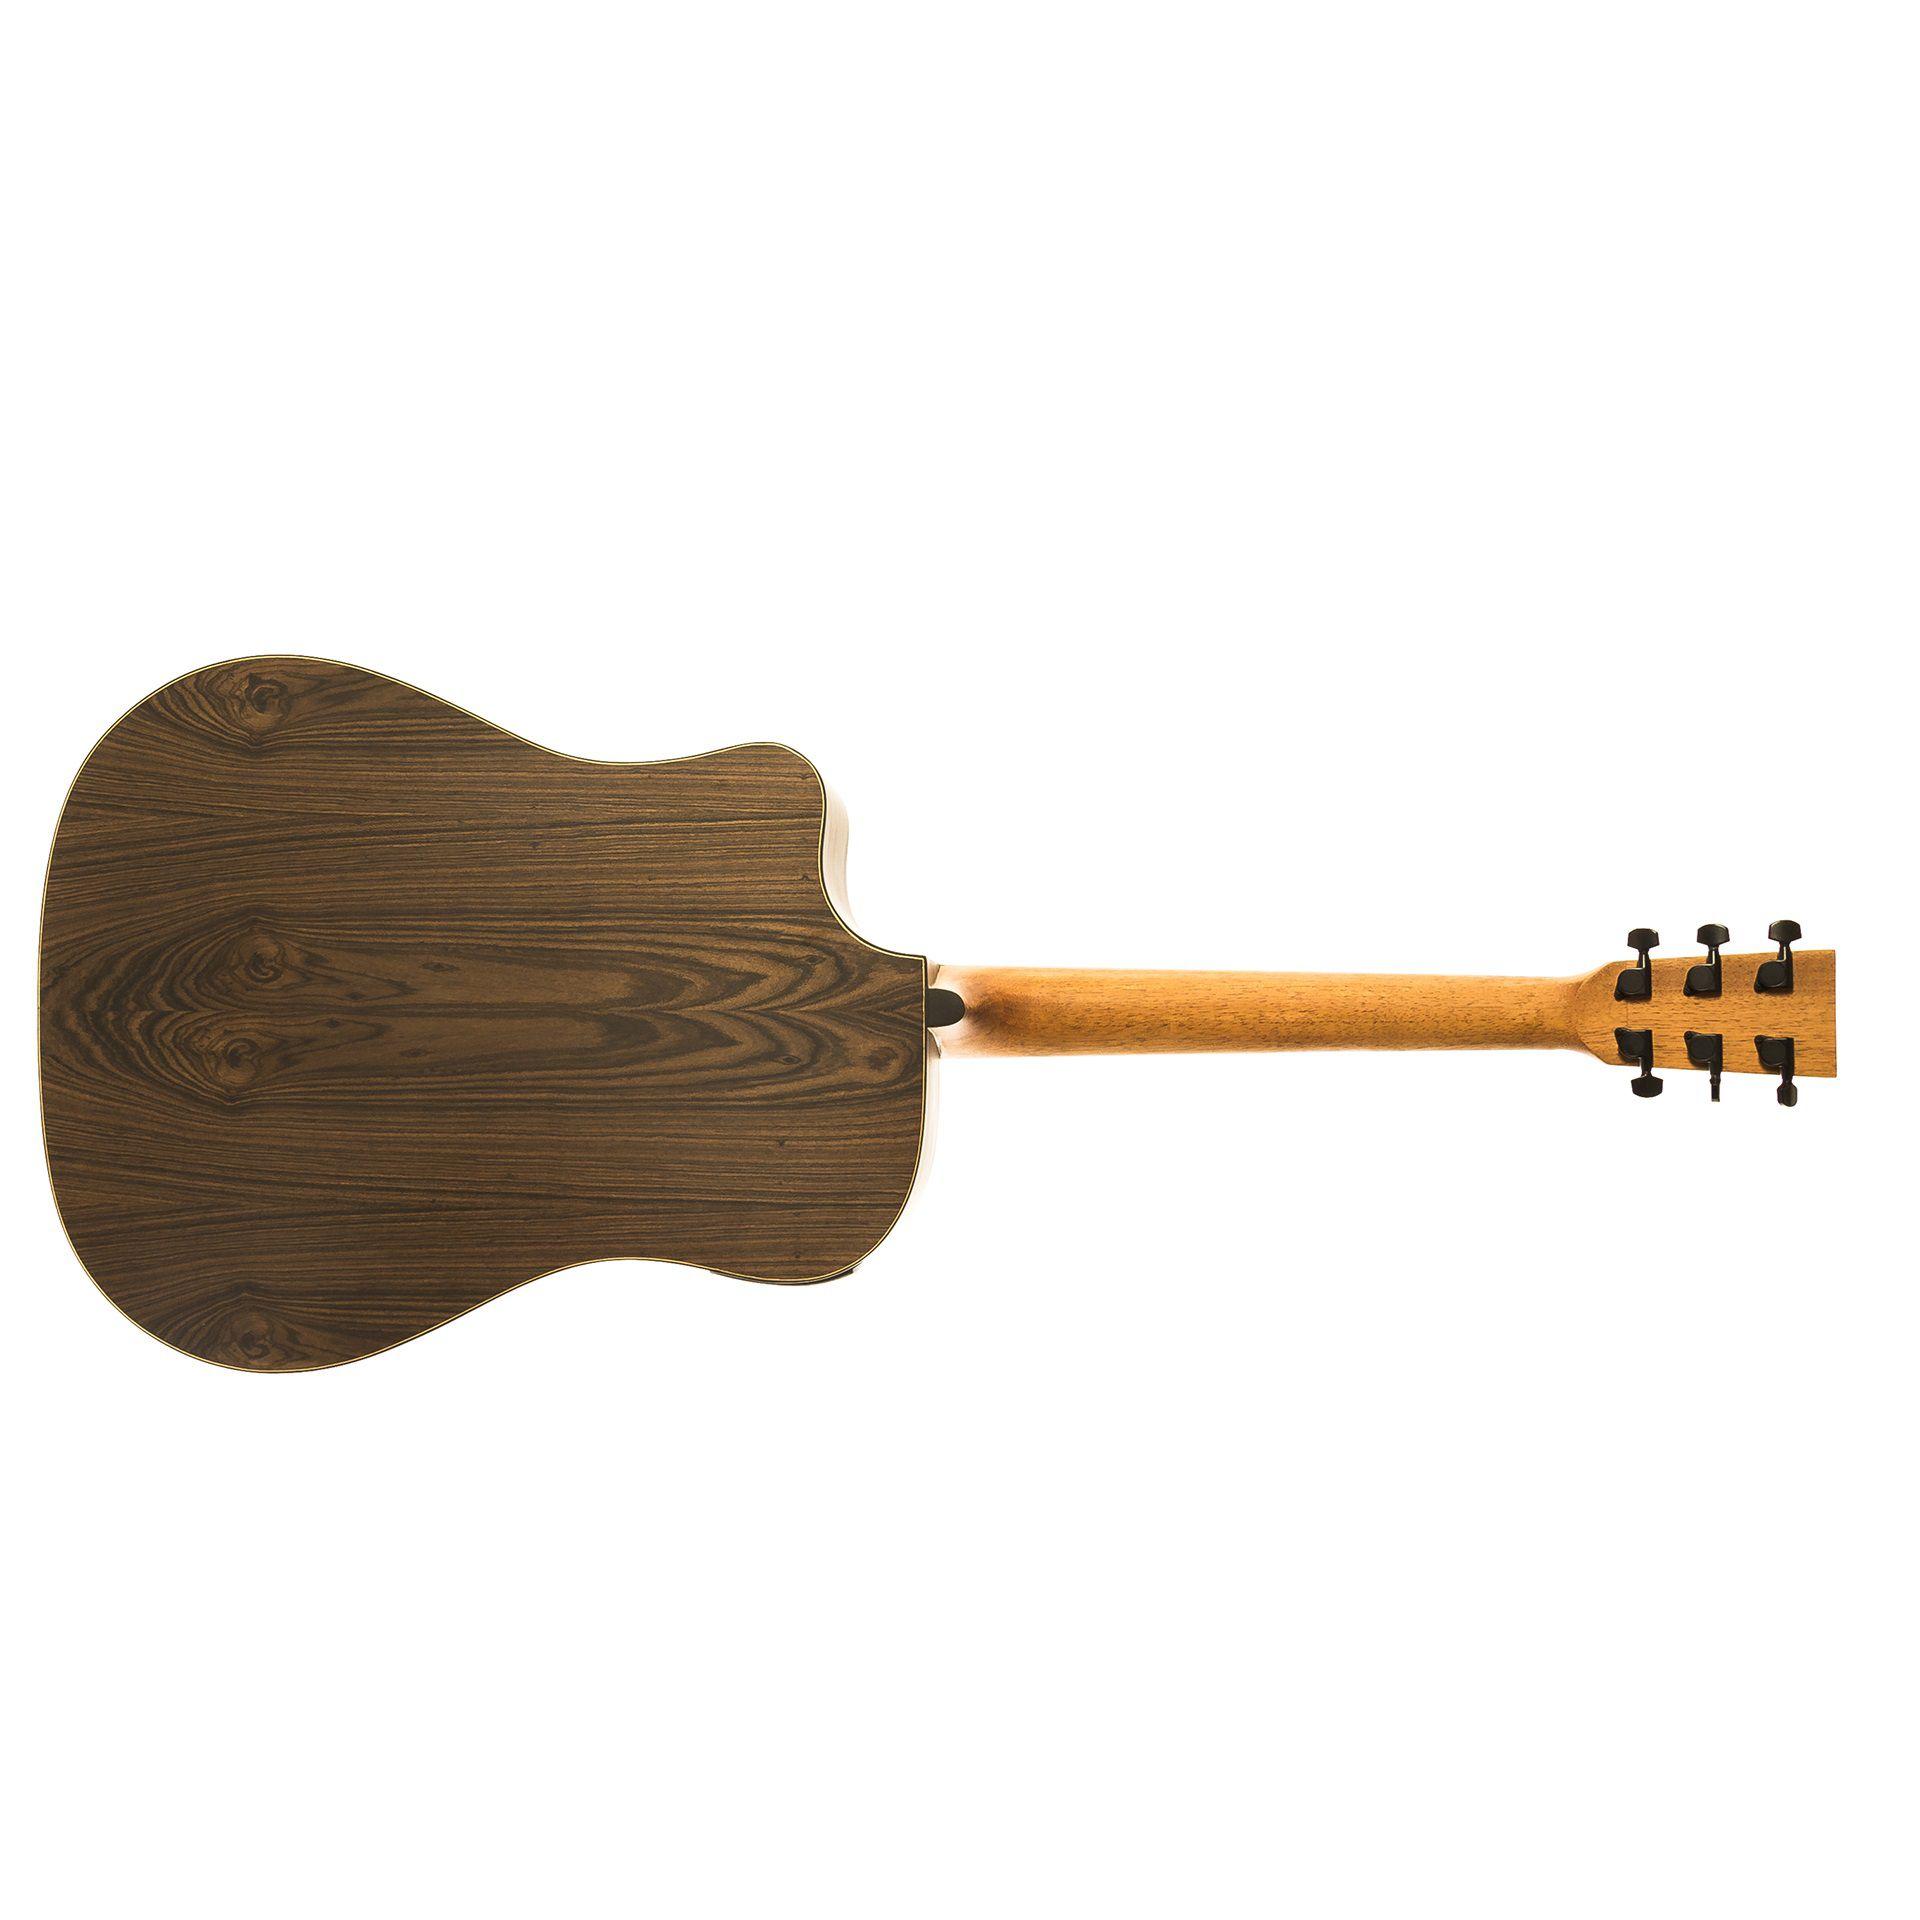 Violao Rozini Rx315 Atf Ct Lp Presença Brasil Elétrico Folk